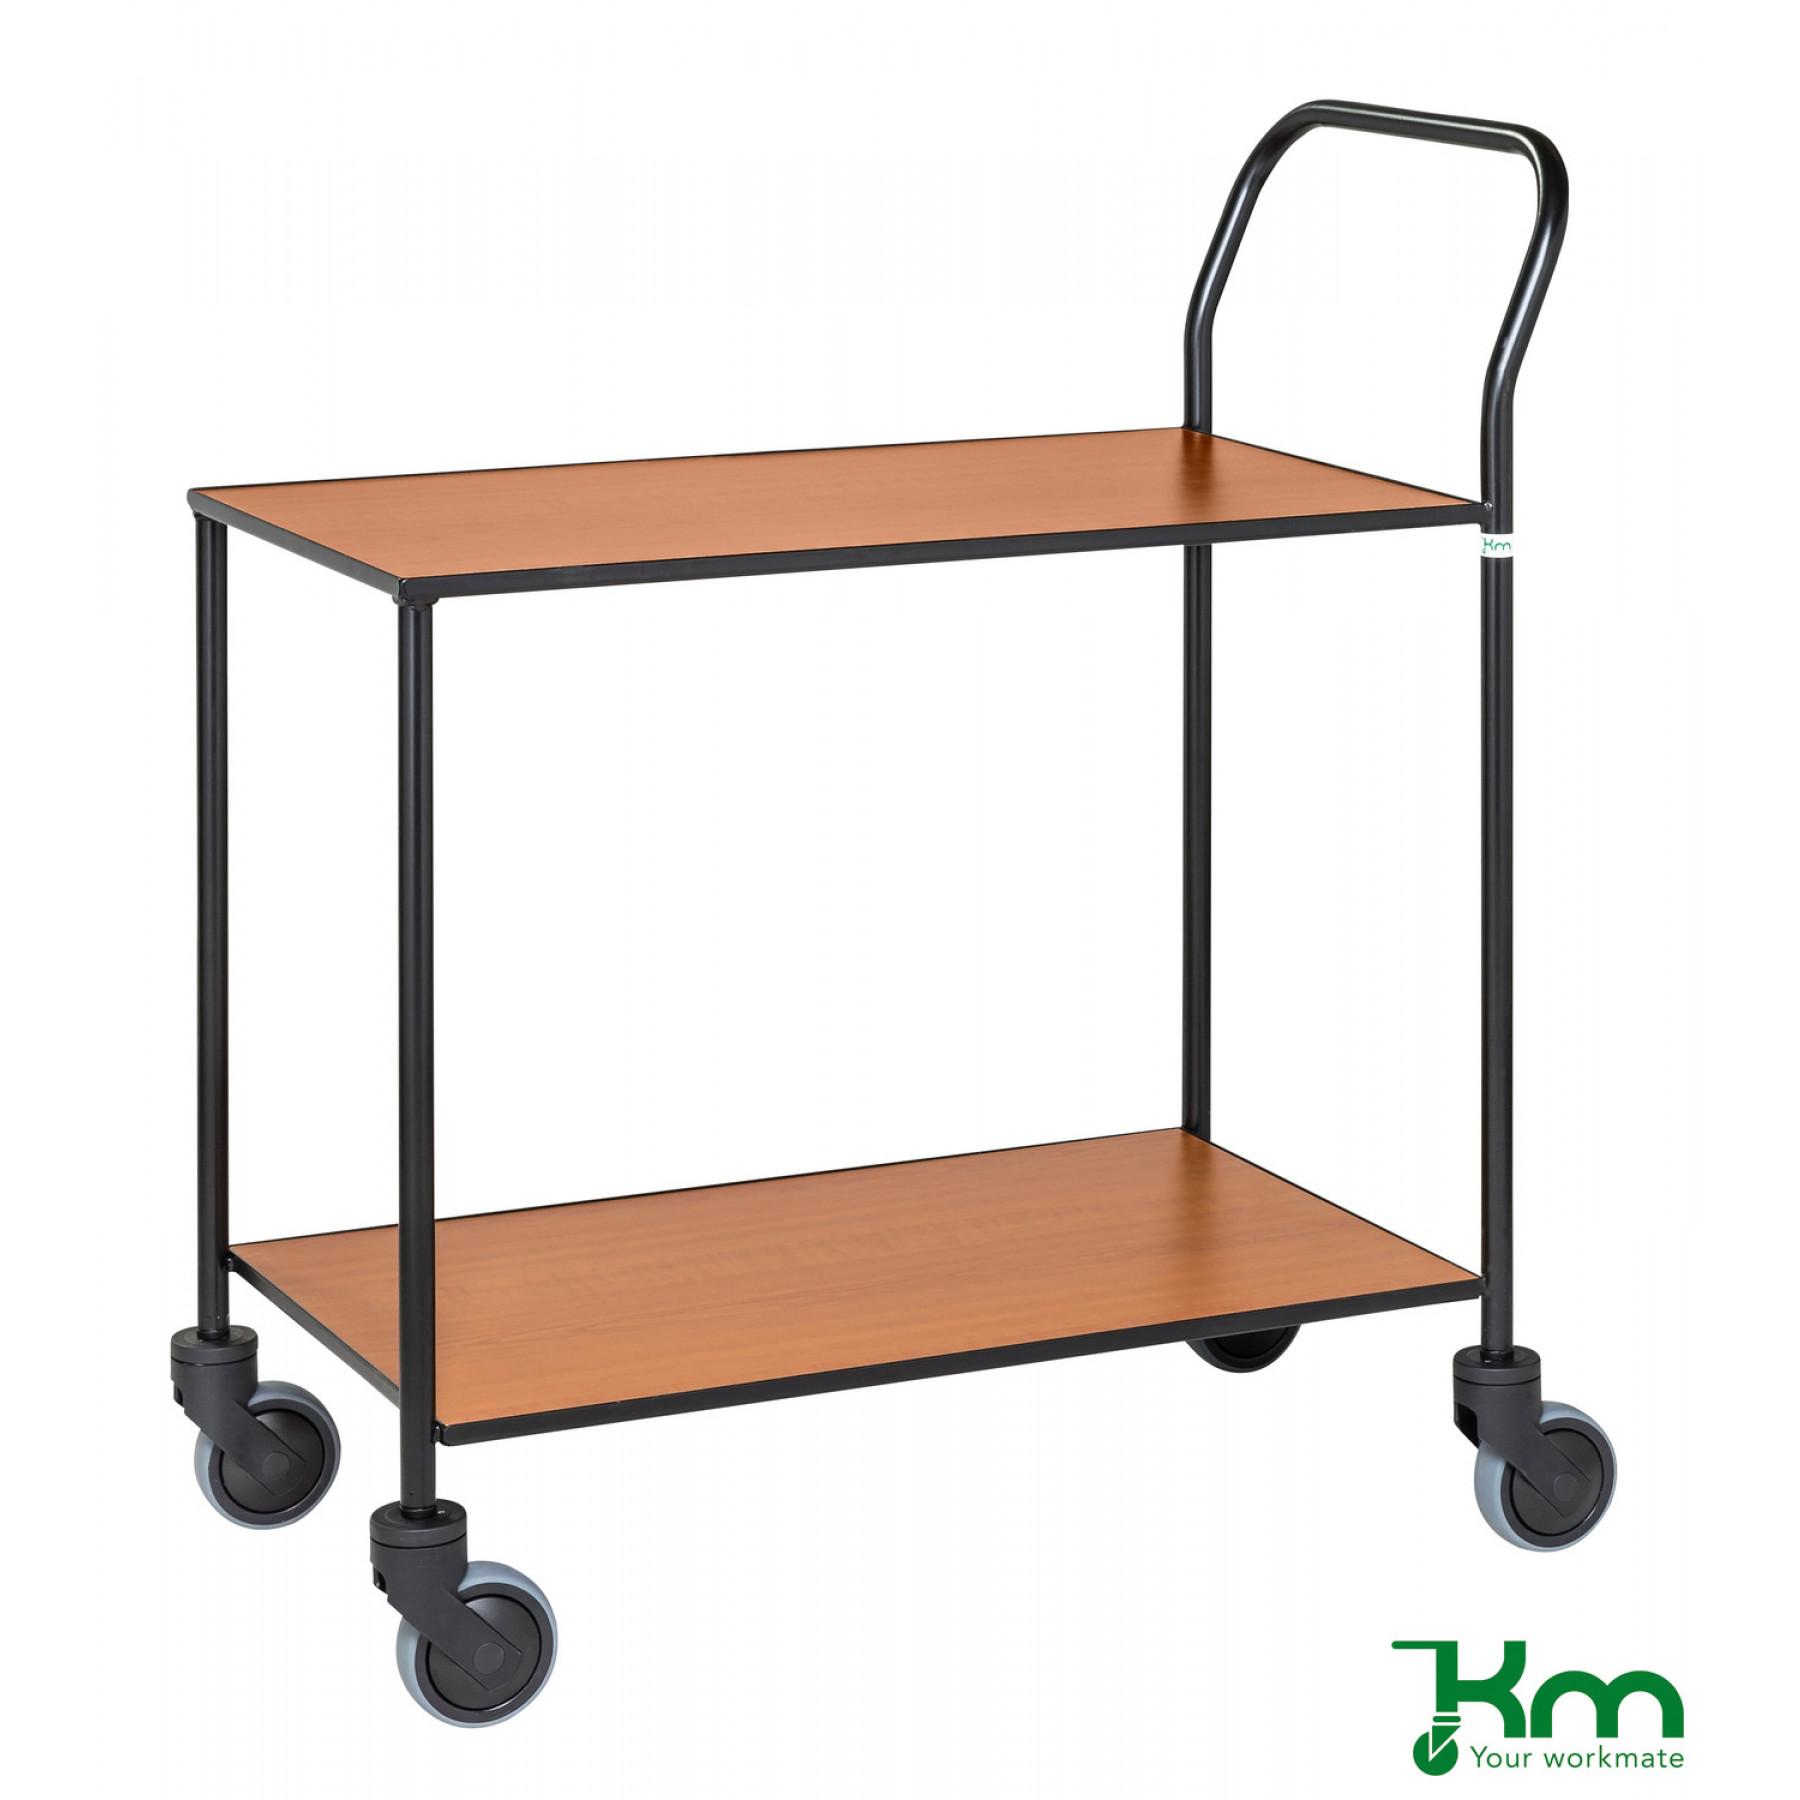 Design tafelwagen met kersenstructuur toplaag, KM 872-KO